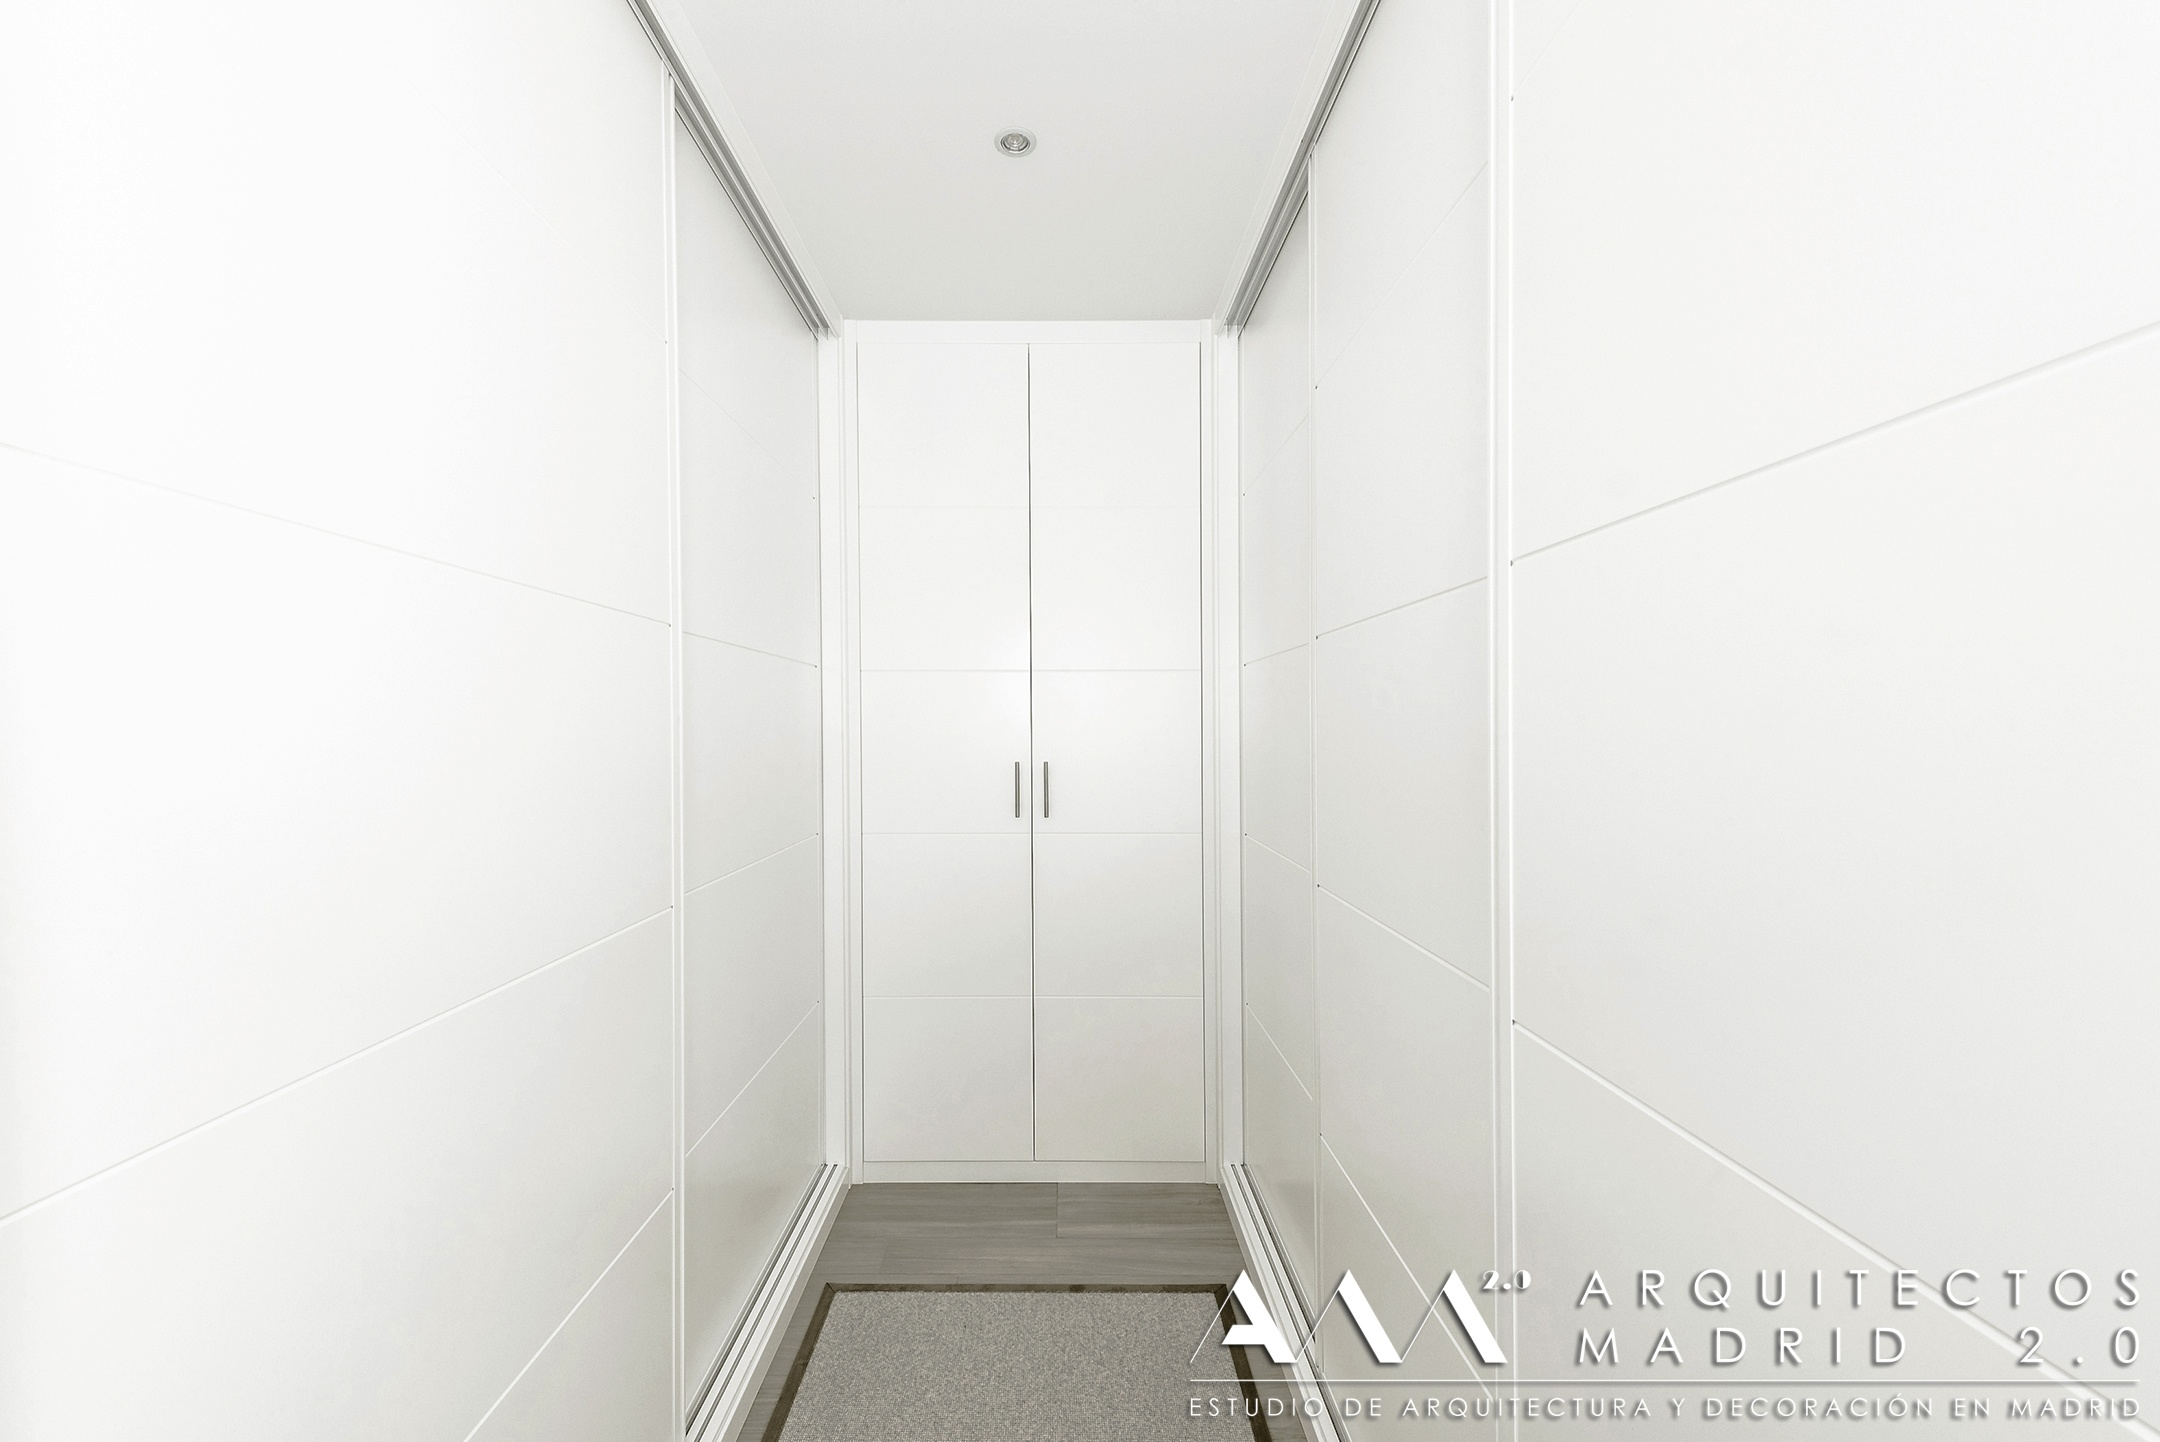 reforma-piso-apartamento-vivienda-120m2-barrio-retiro-madrid-004